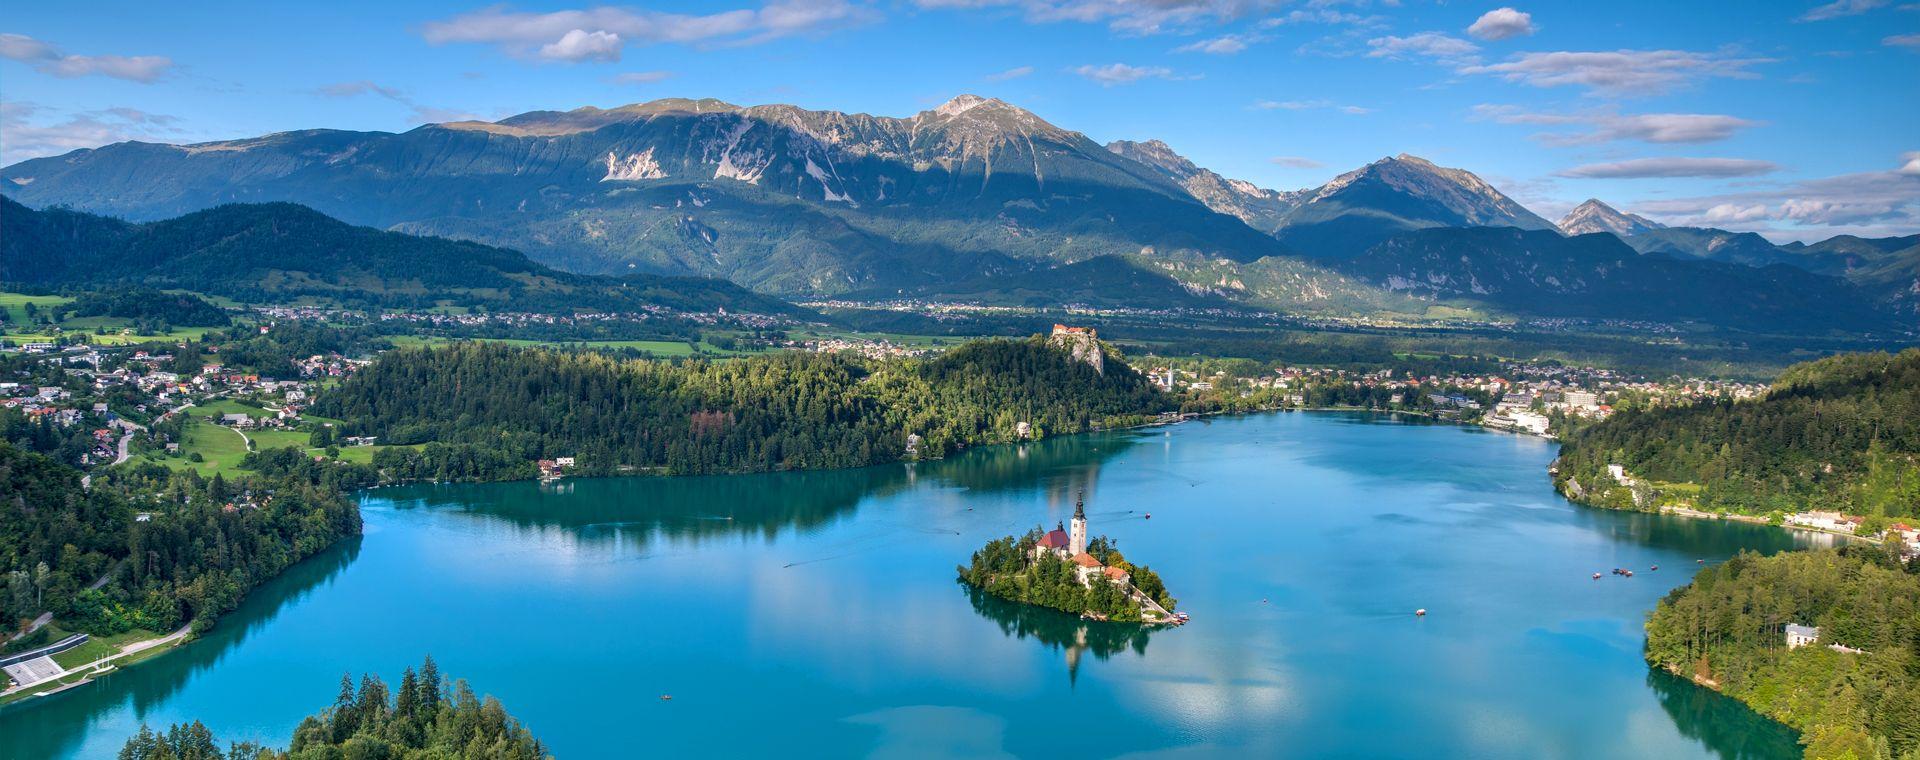 Image Des Alpes slovènes à la mer Adriatique